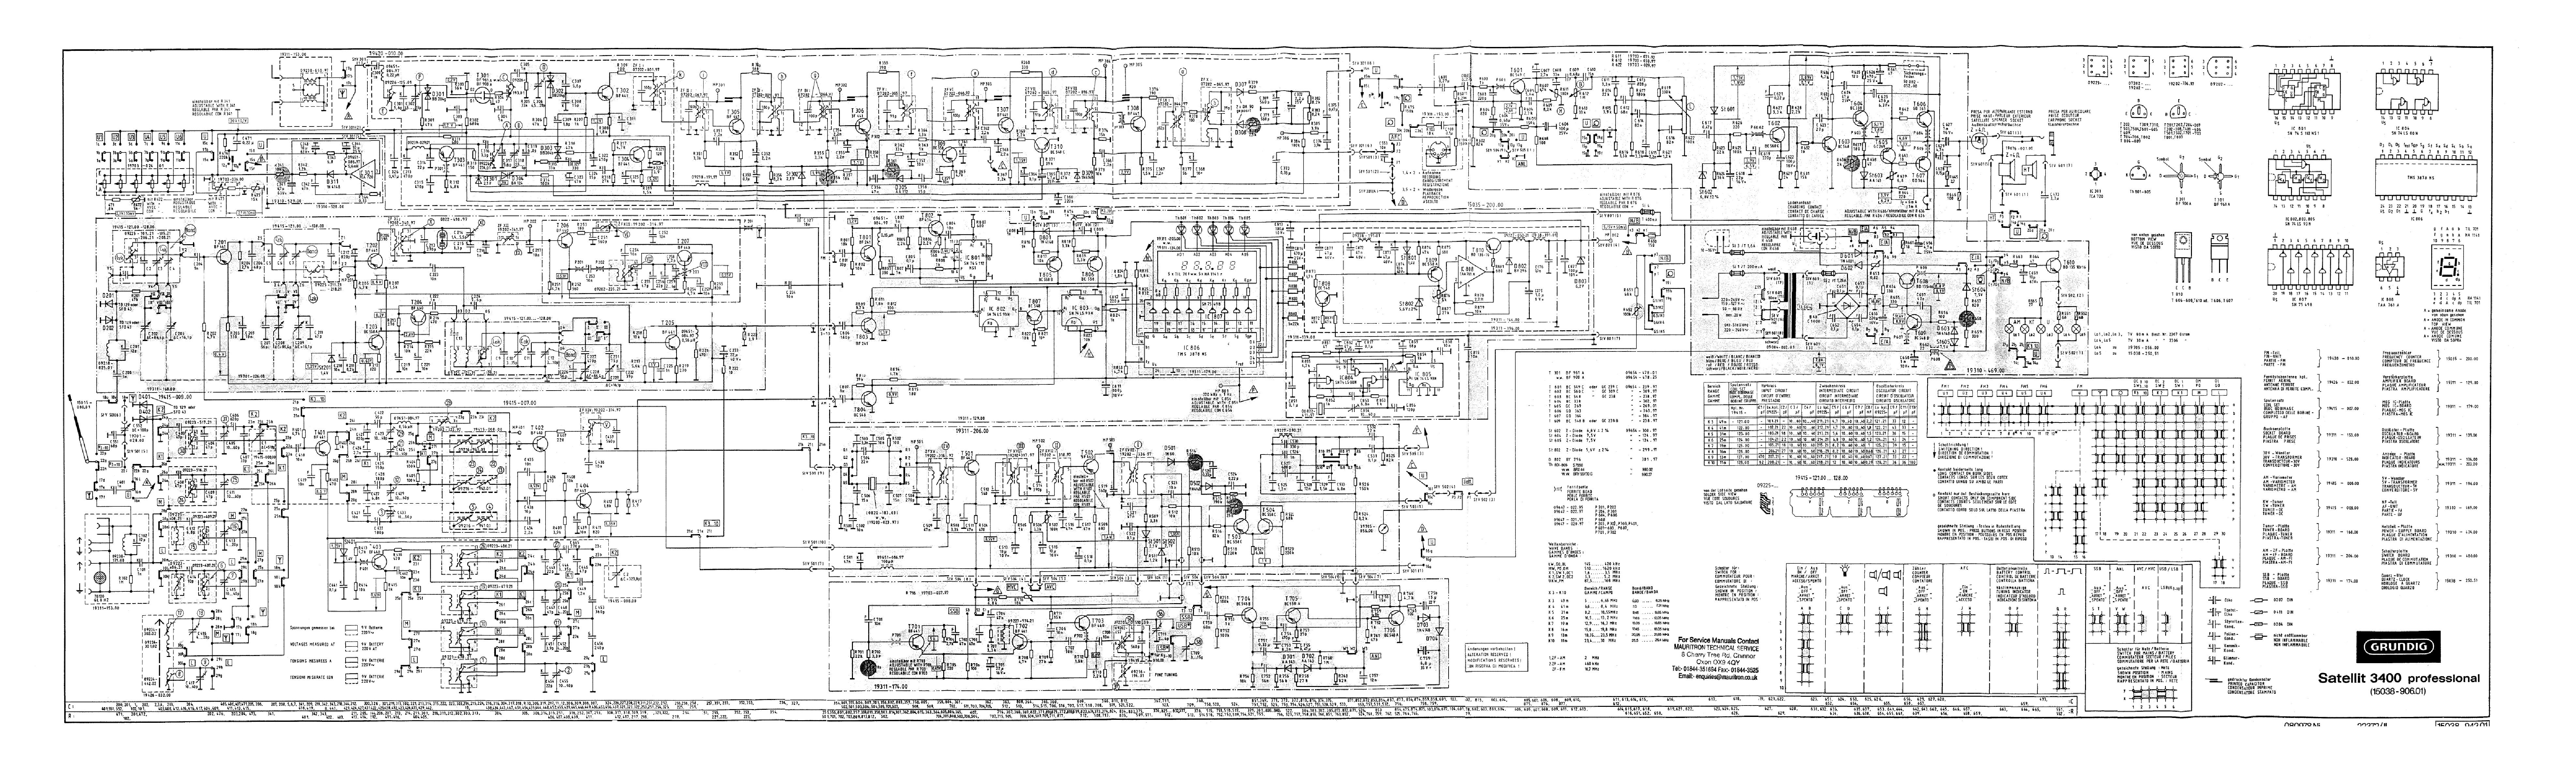 Grundig Satellit 3400 Sch Service Manual Download  Schematics  Eeprom  Repair Info For